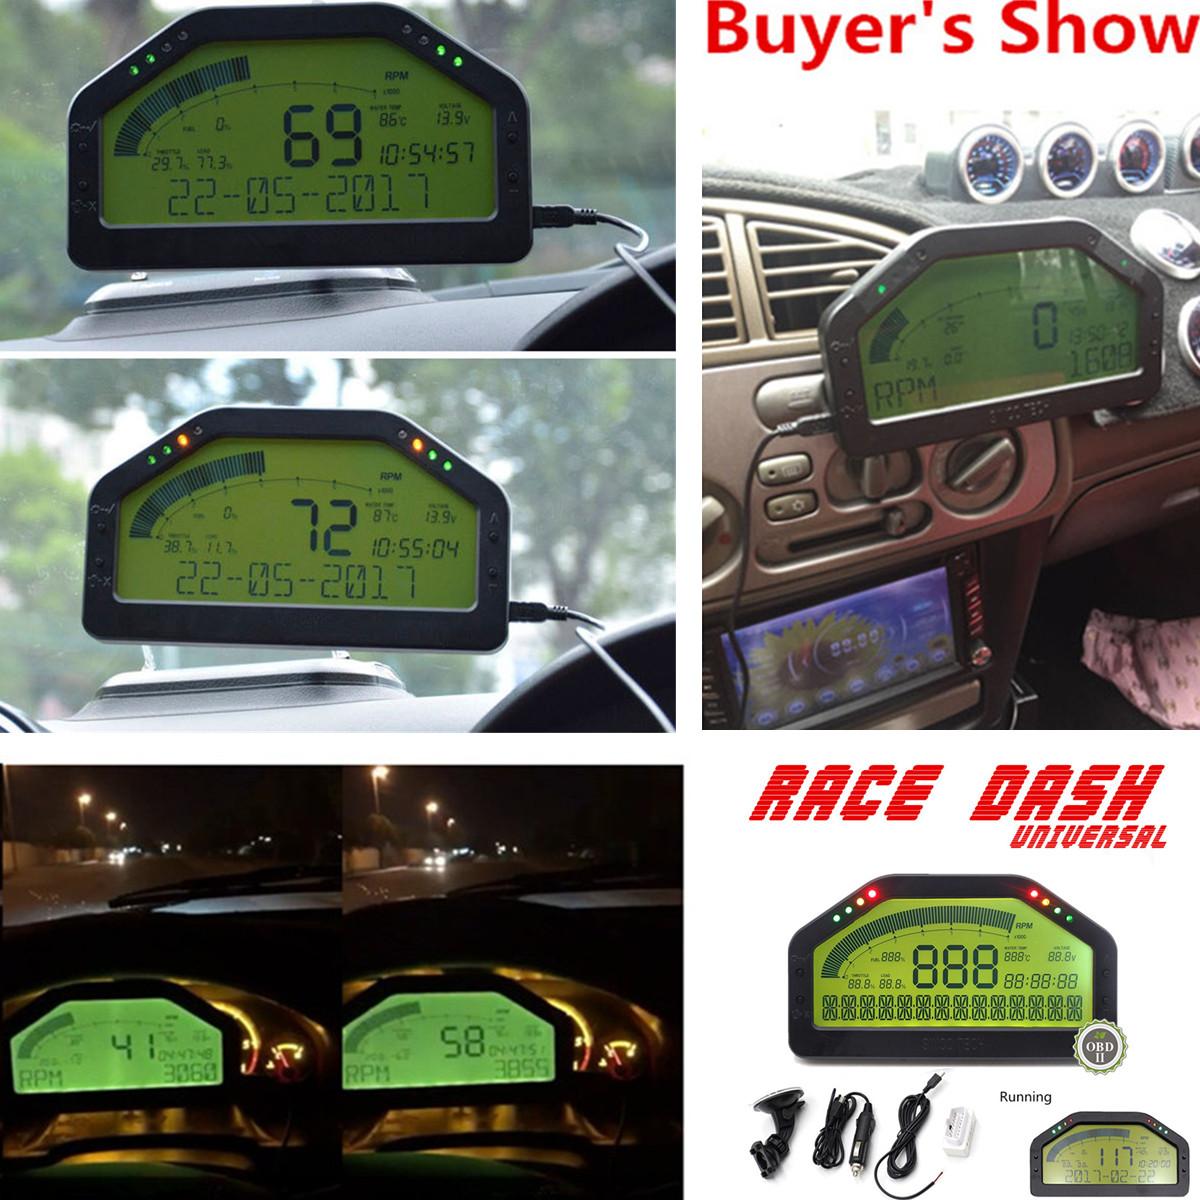 car dash race display obd2 bluetooth sensor kit dashboard. Black Bedroom Furniture Sets. Home Design Ideas